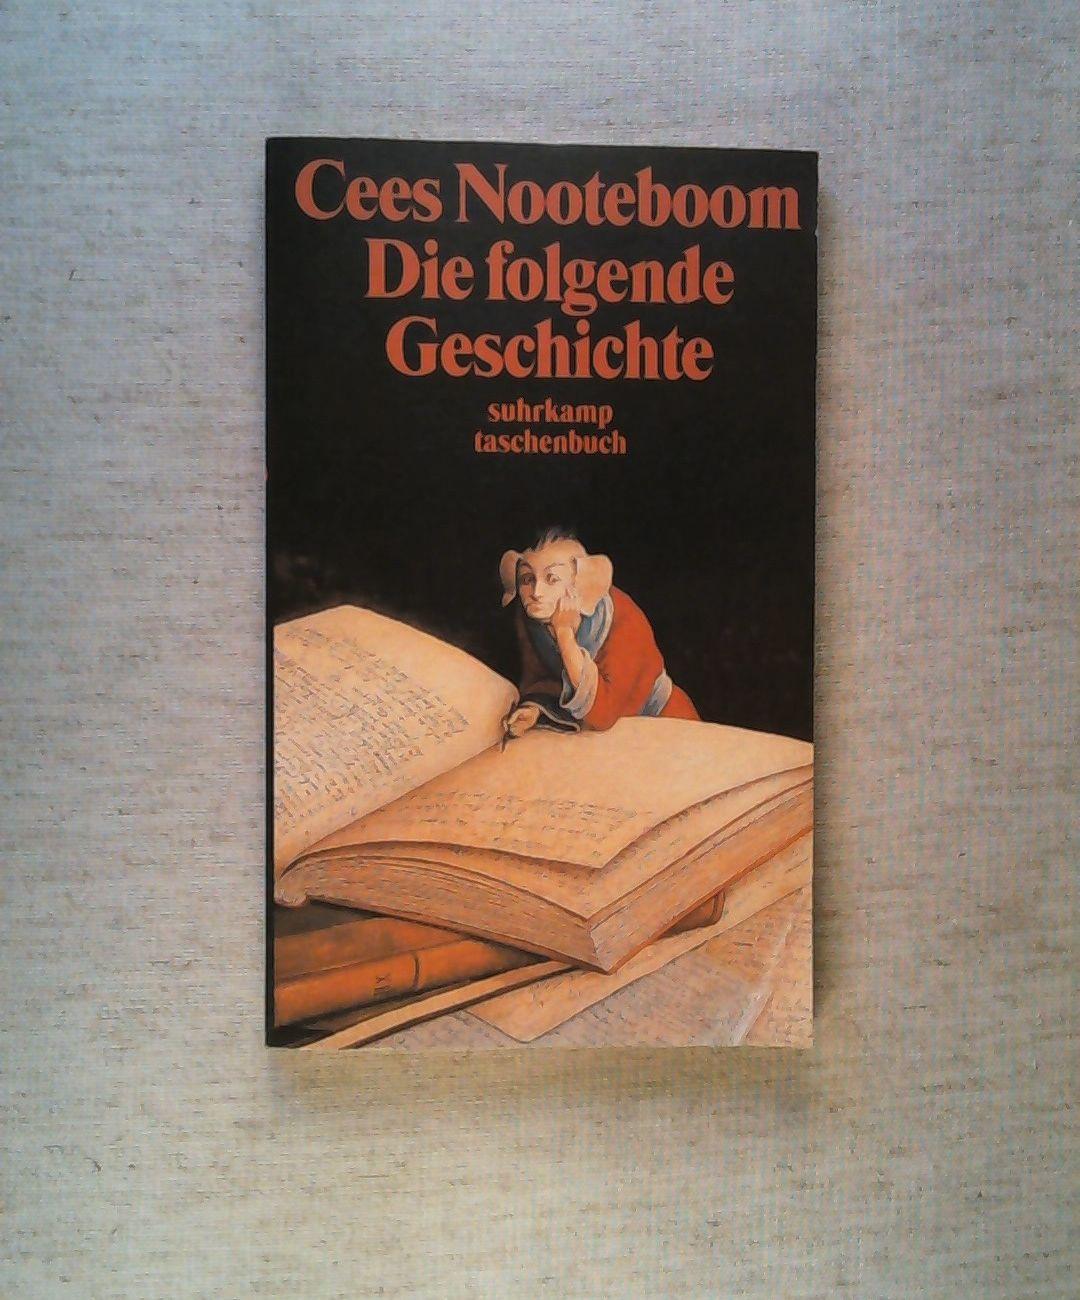 Die folgende Geschichte: Nooteboom, Cees: